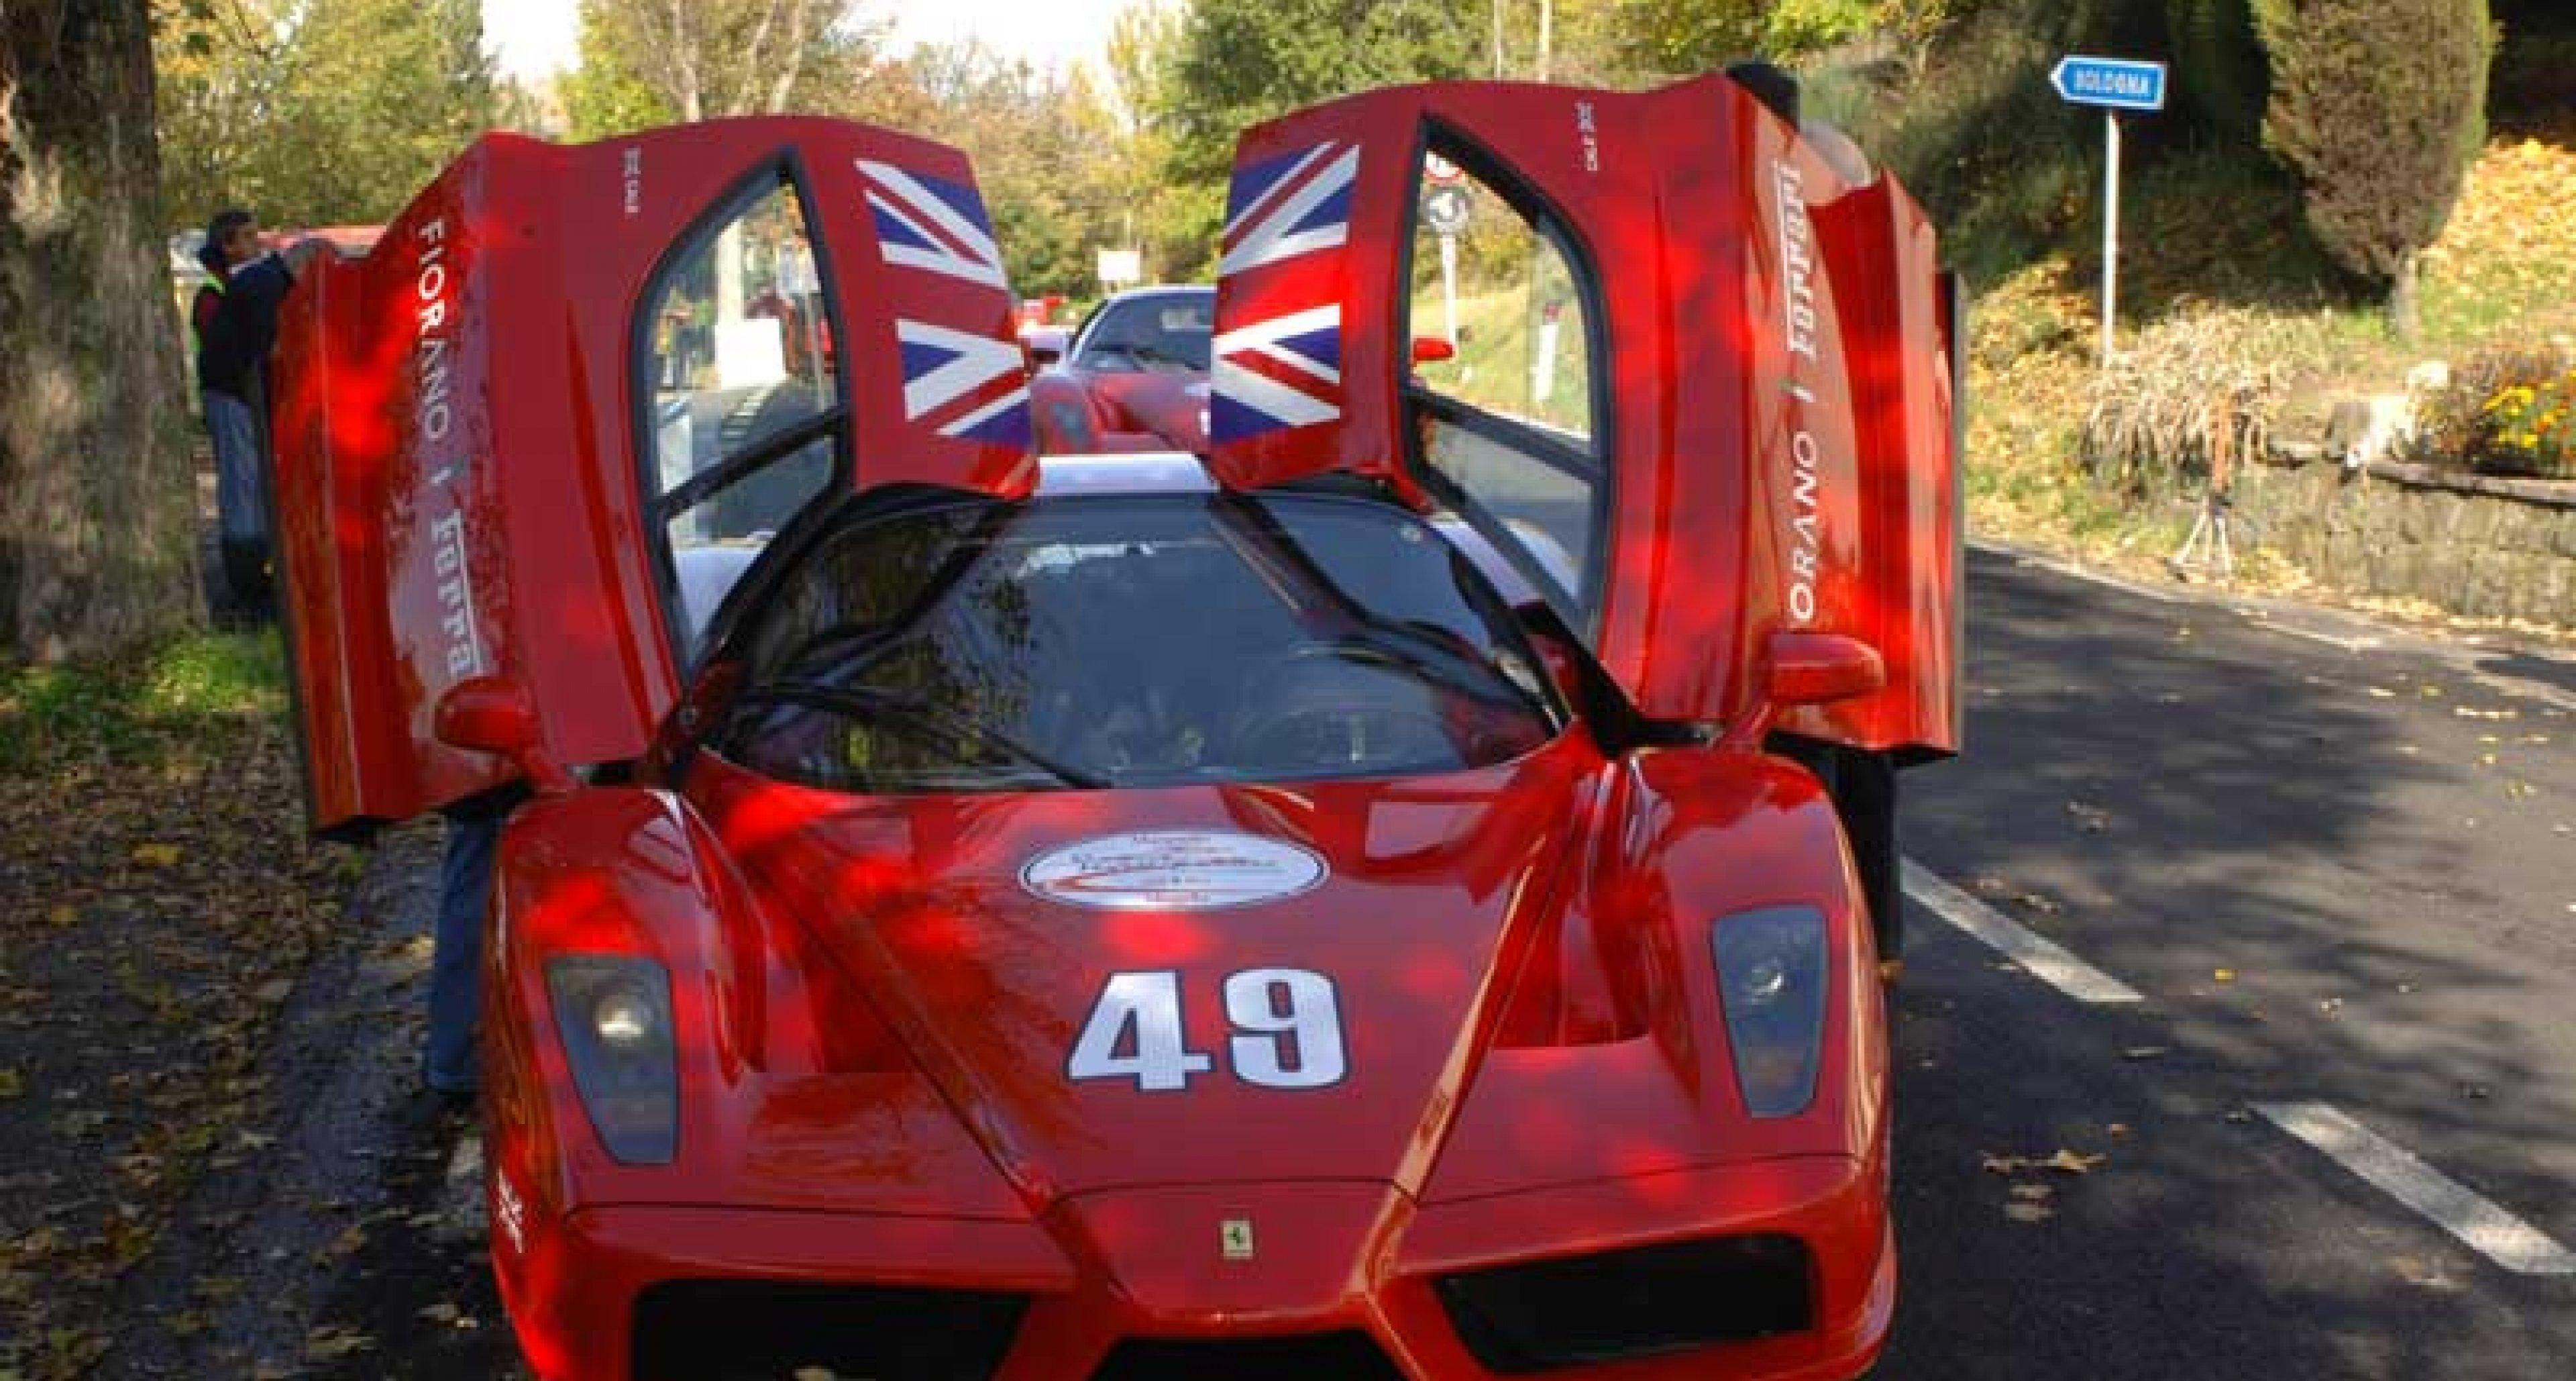 The Ferrari Enzo Tour 2005